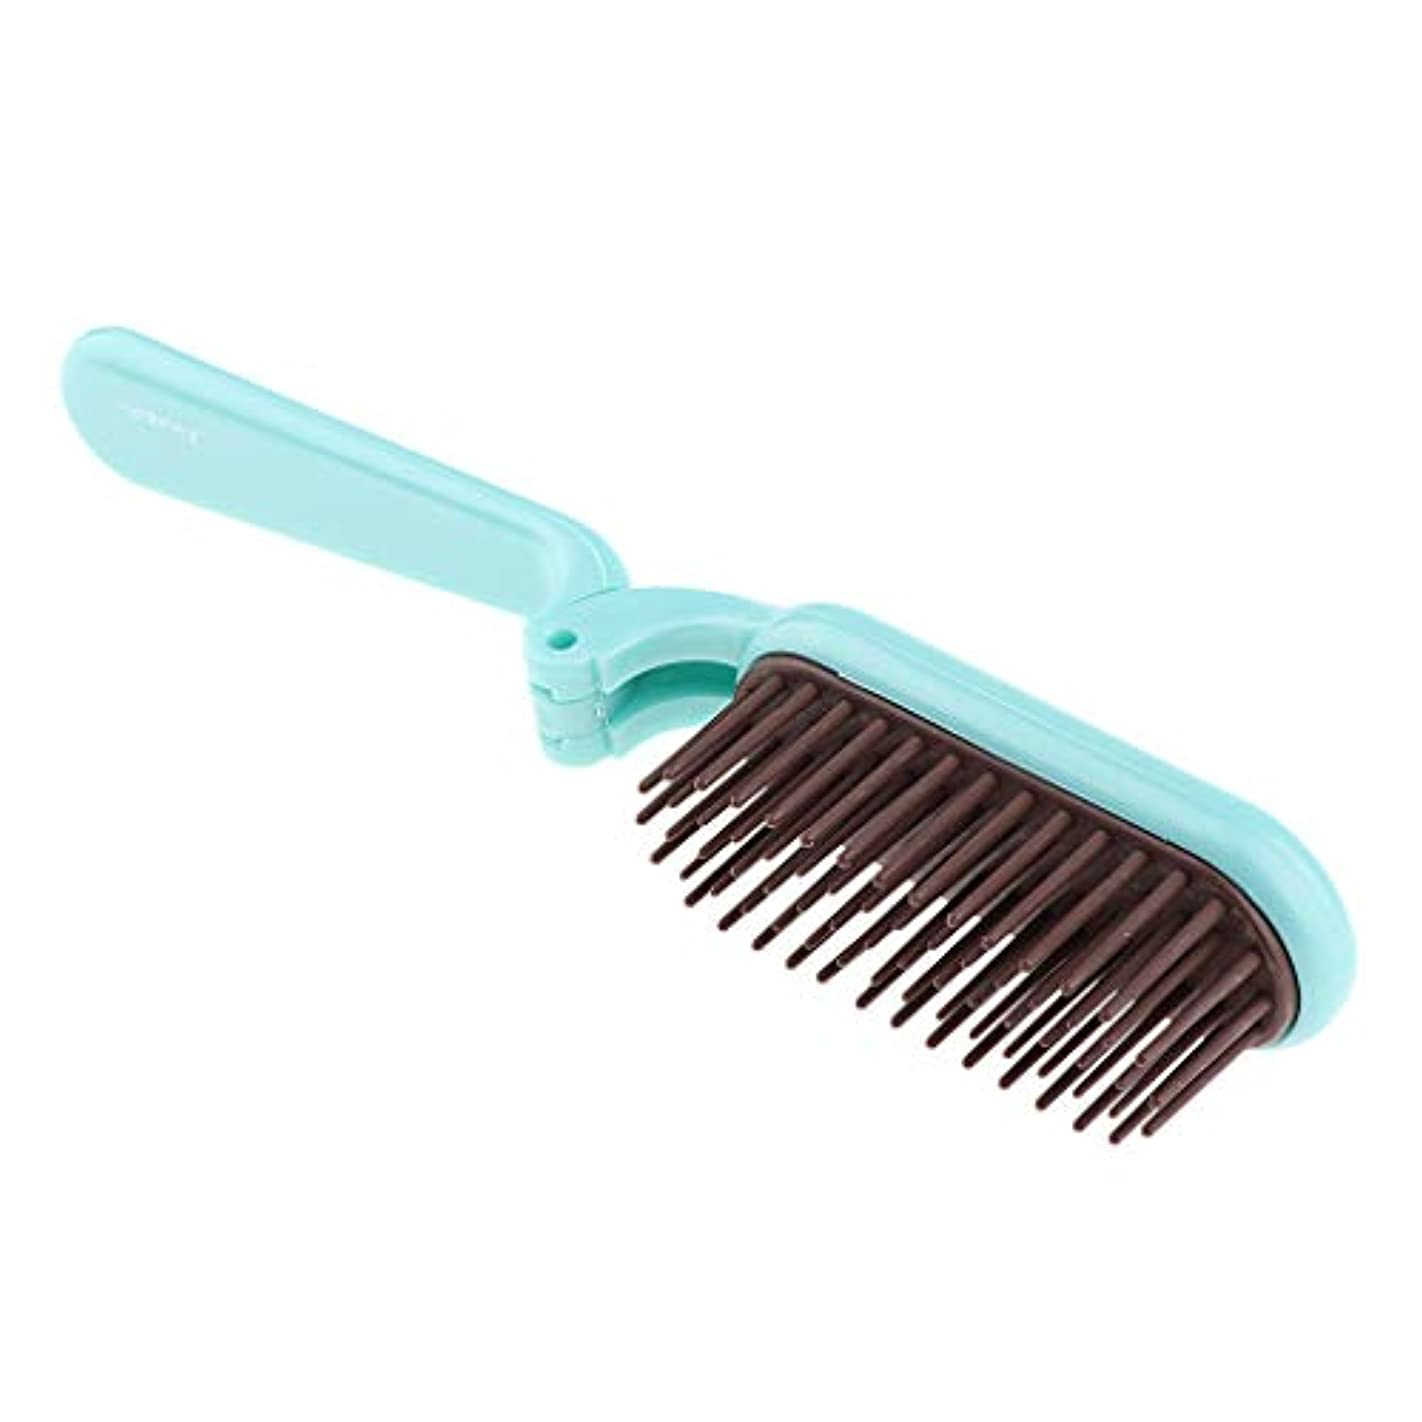 思いつくハグ豪華な折りたたみヘアブラシ 静電気防止櫛 耐熱性 コーム 2色選べ - 青